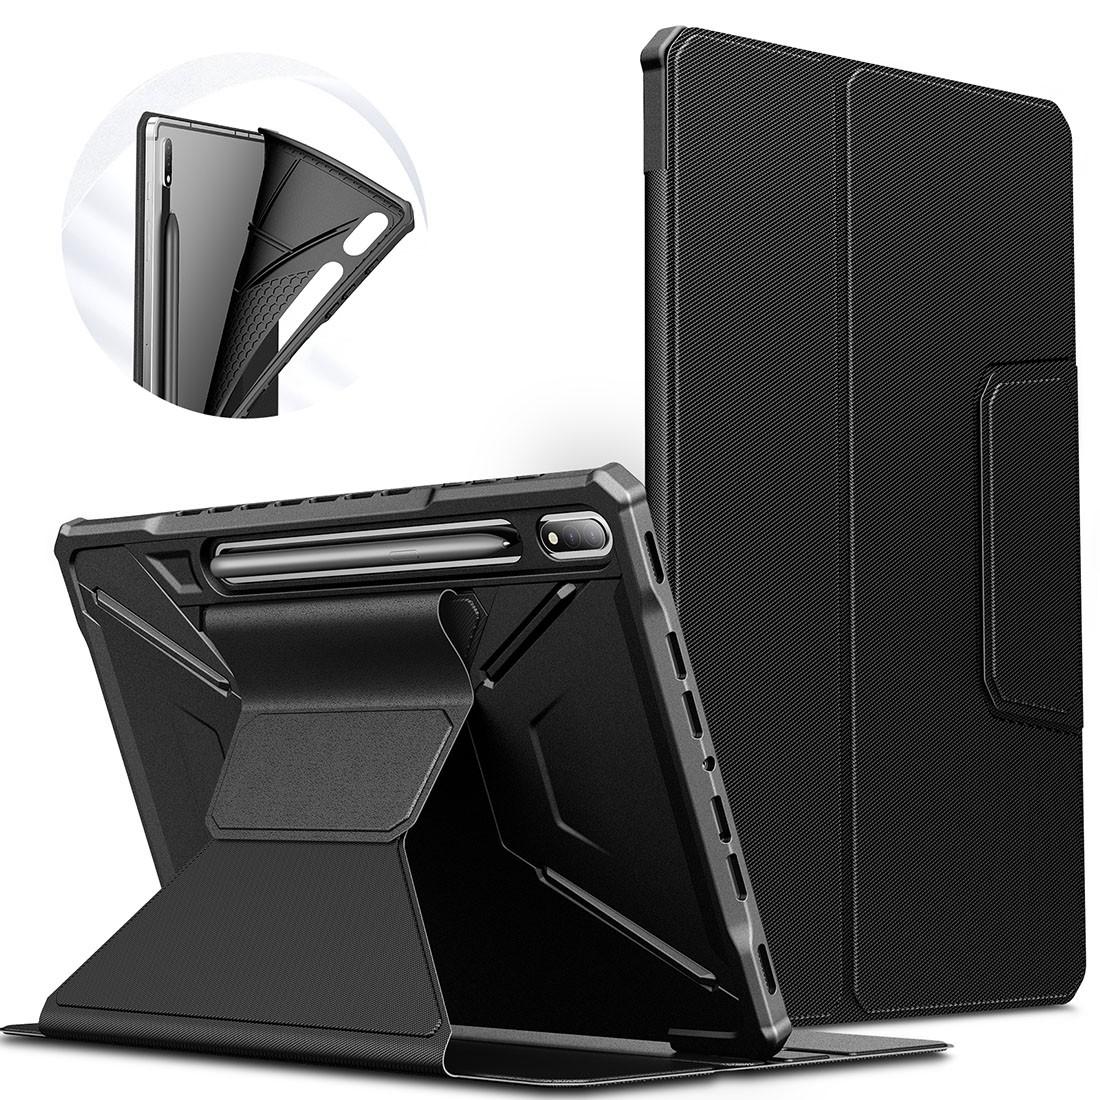 Capa Premium Flex Cover com Fino Acabamento Galaxy Tab S7 Plus 12.4 pol 2020 SM-T970 e SM-T975